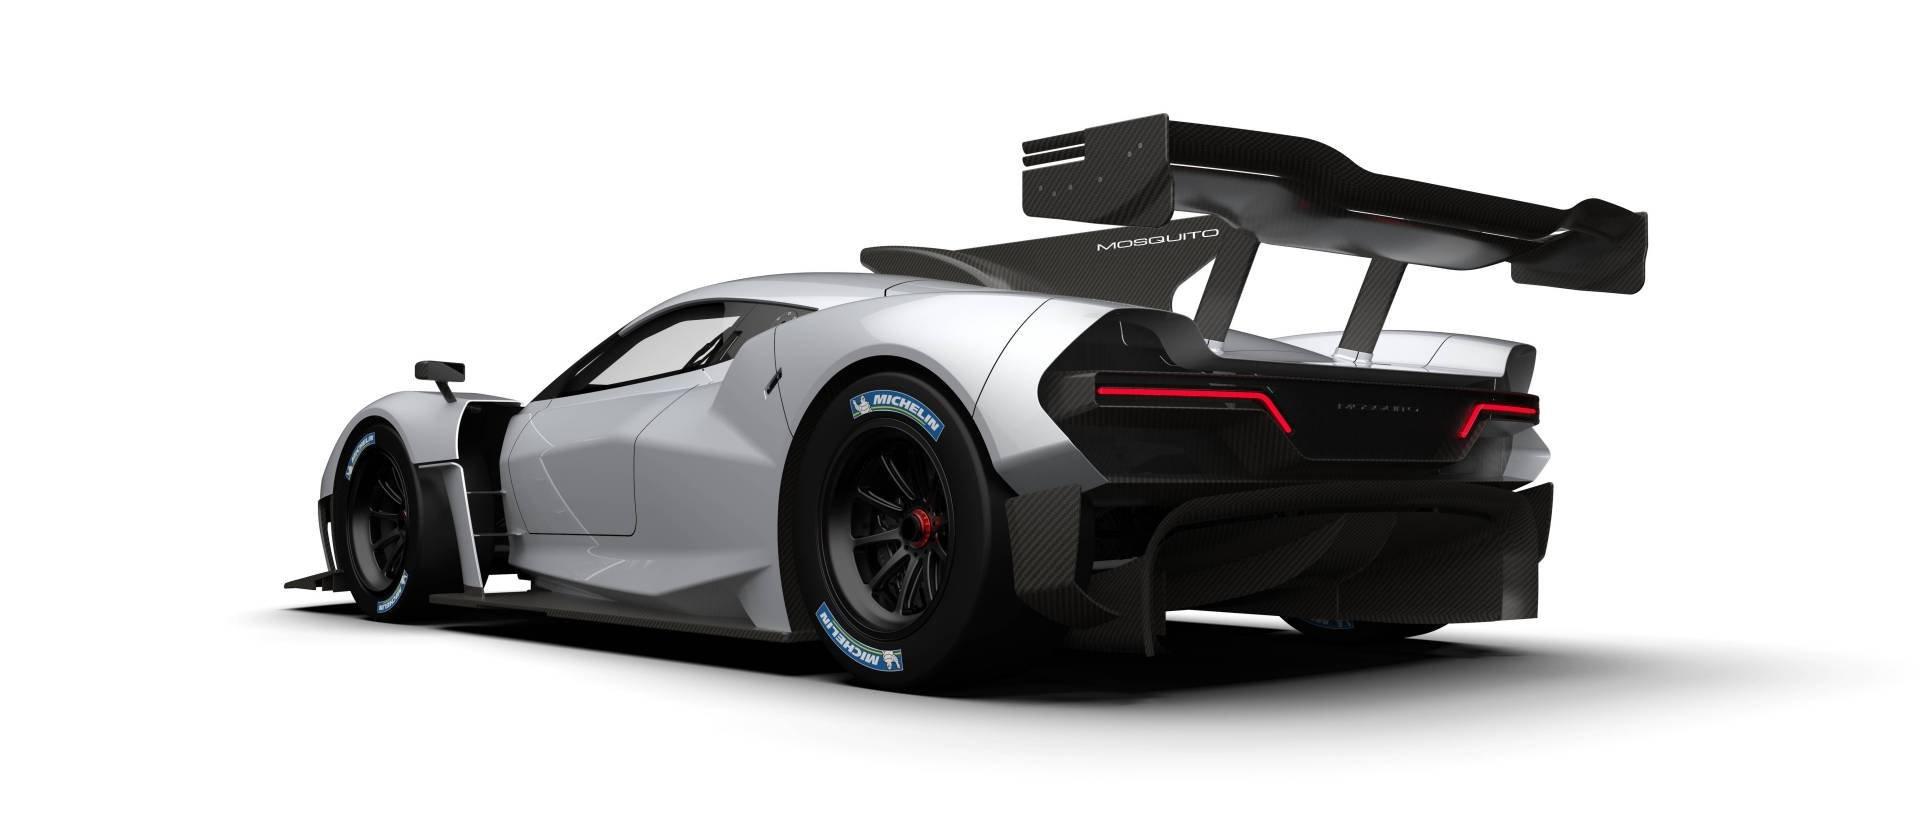 小众限量超级跑车捷克共和国能否获得市场一